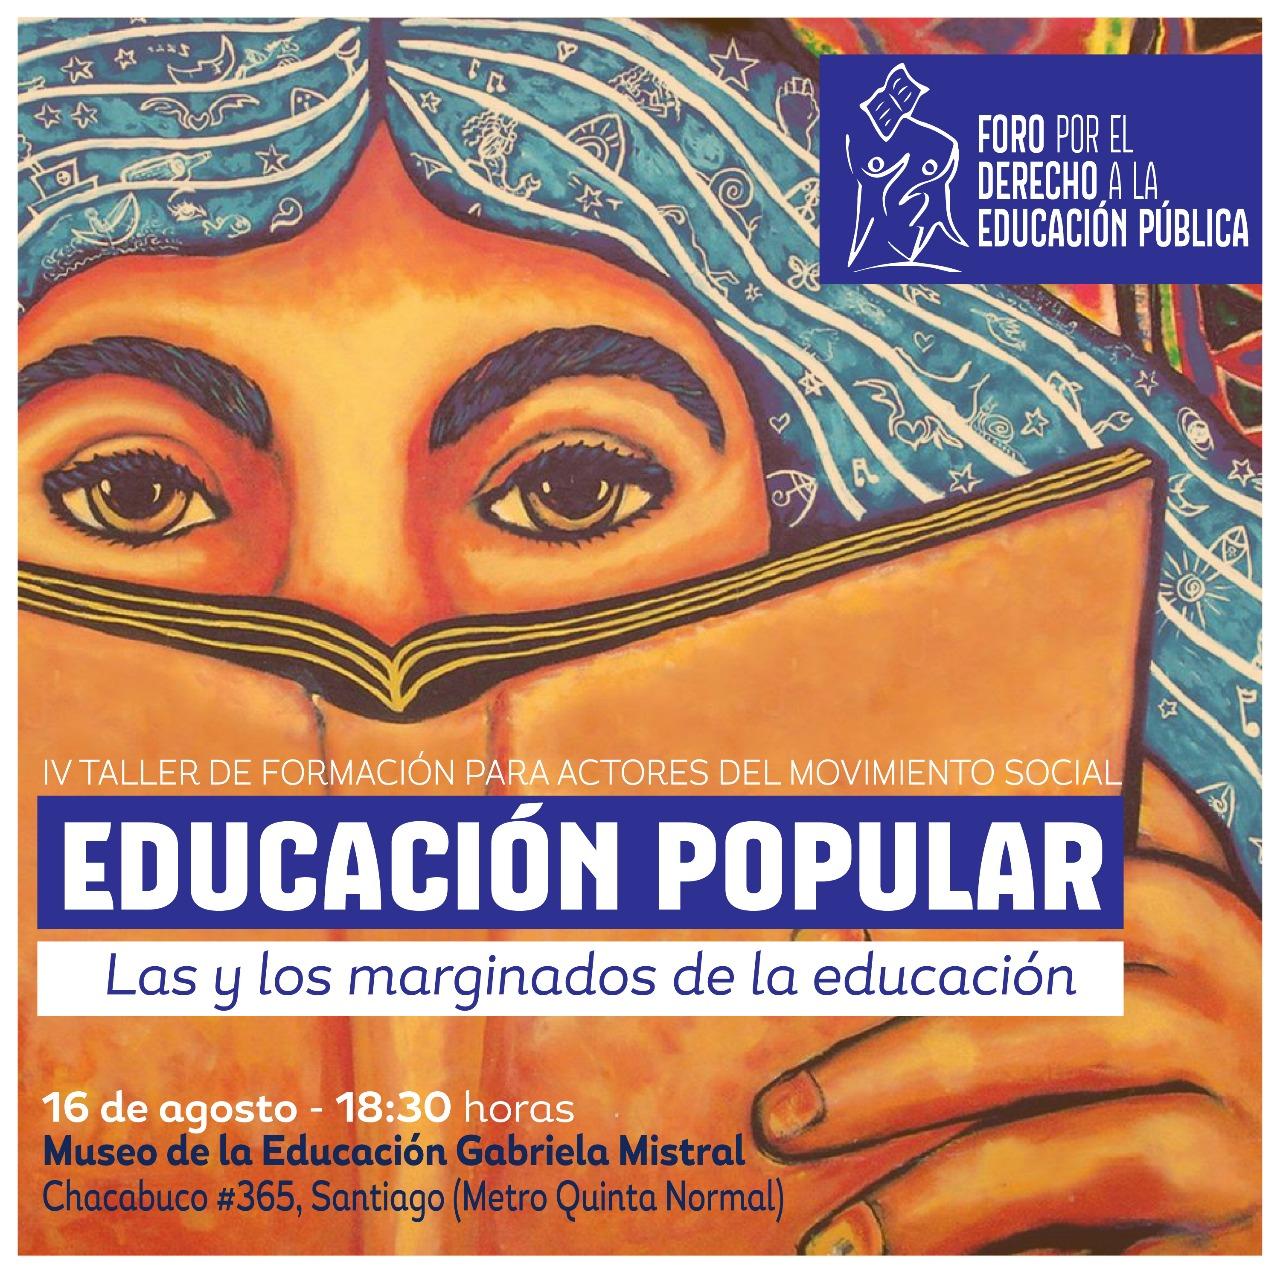 IV Taller de Formación para actores del movimiento social: Educación Popular